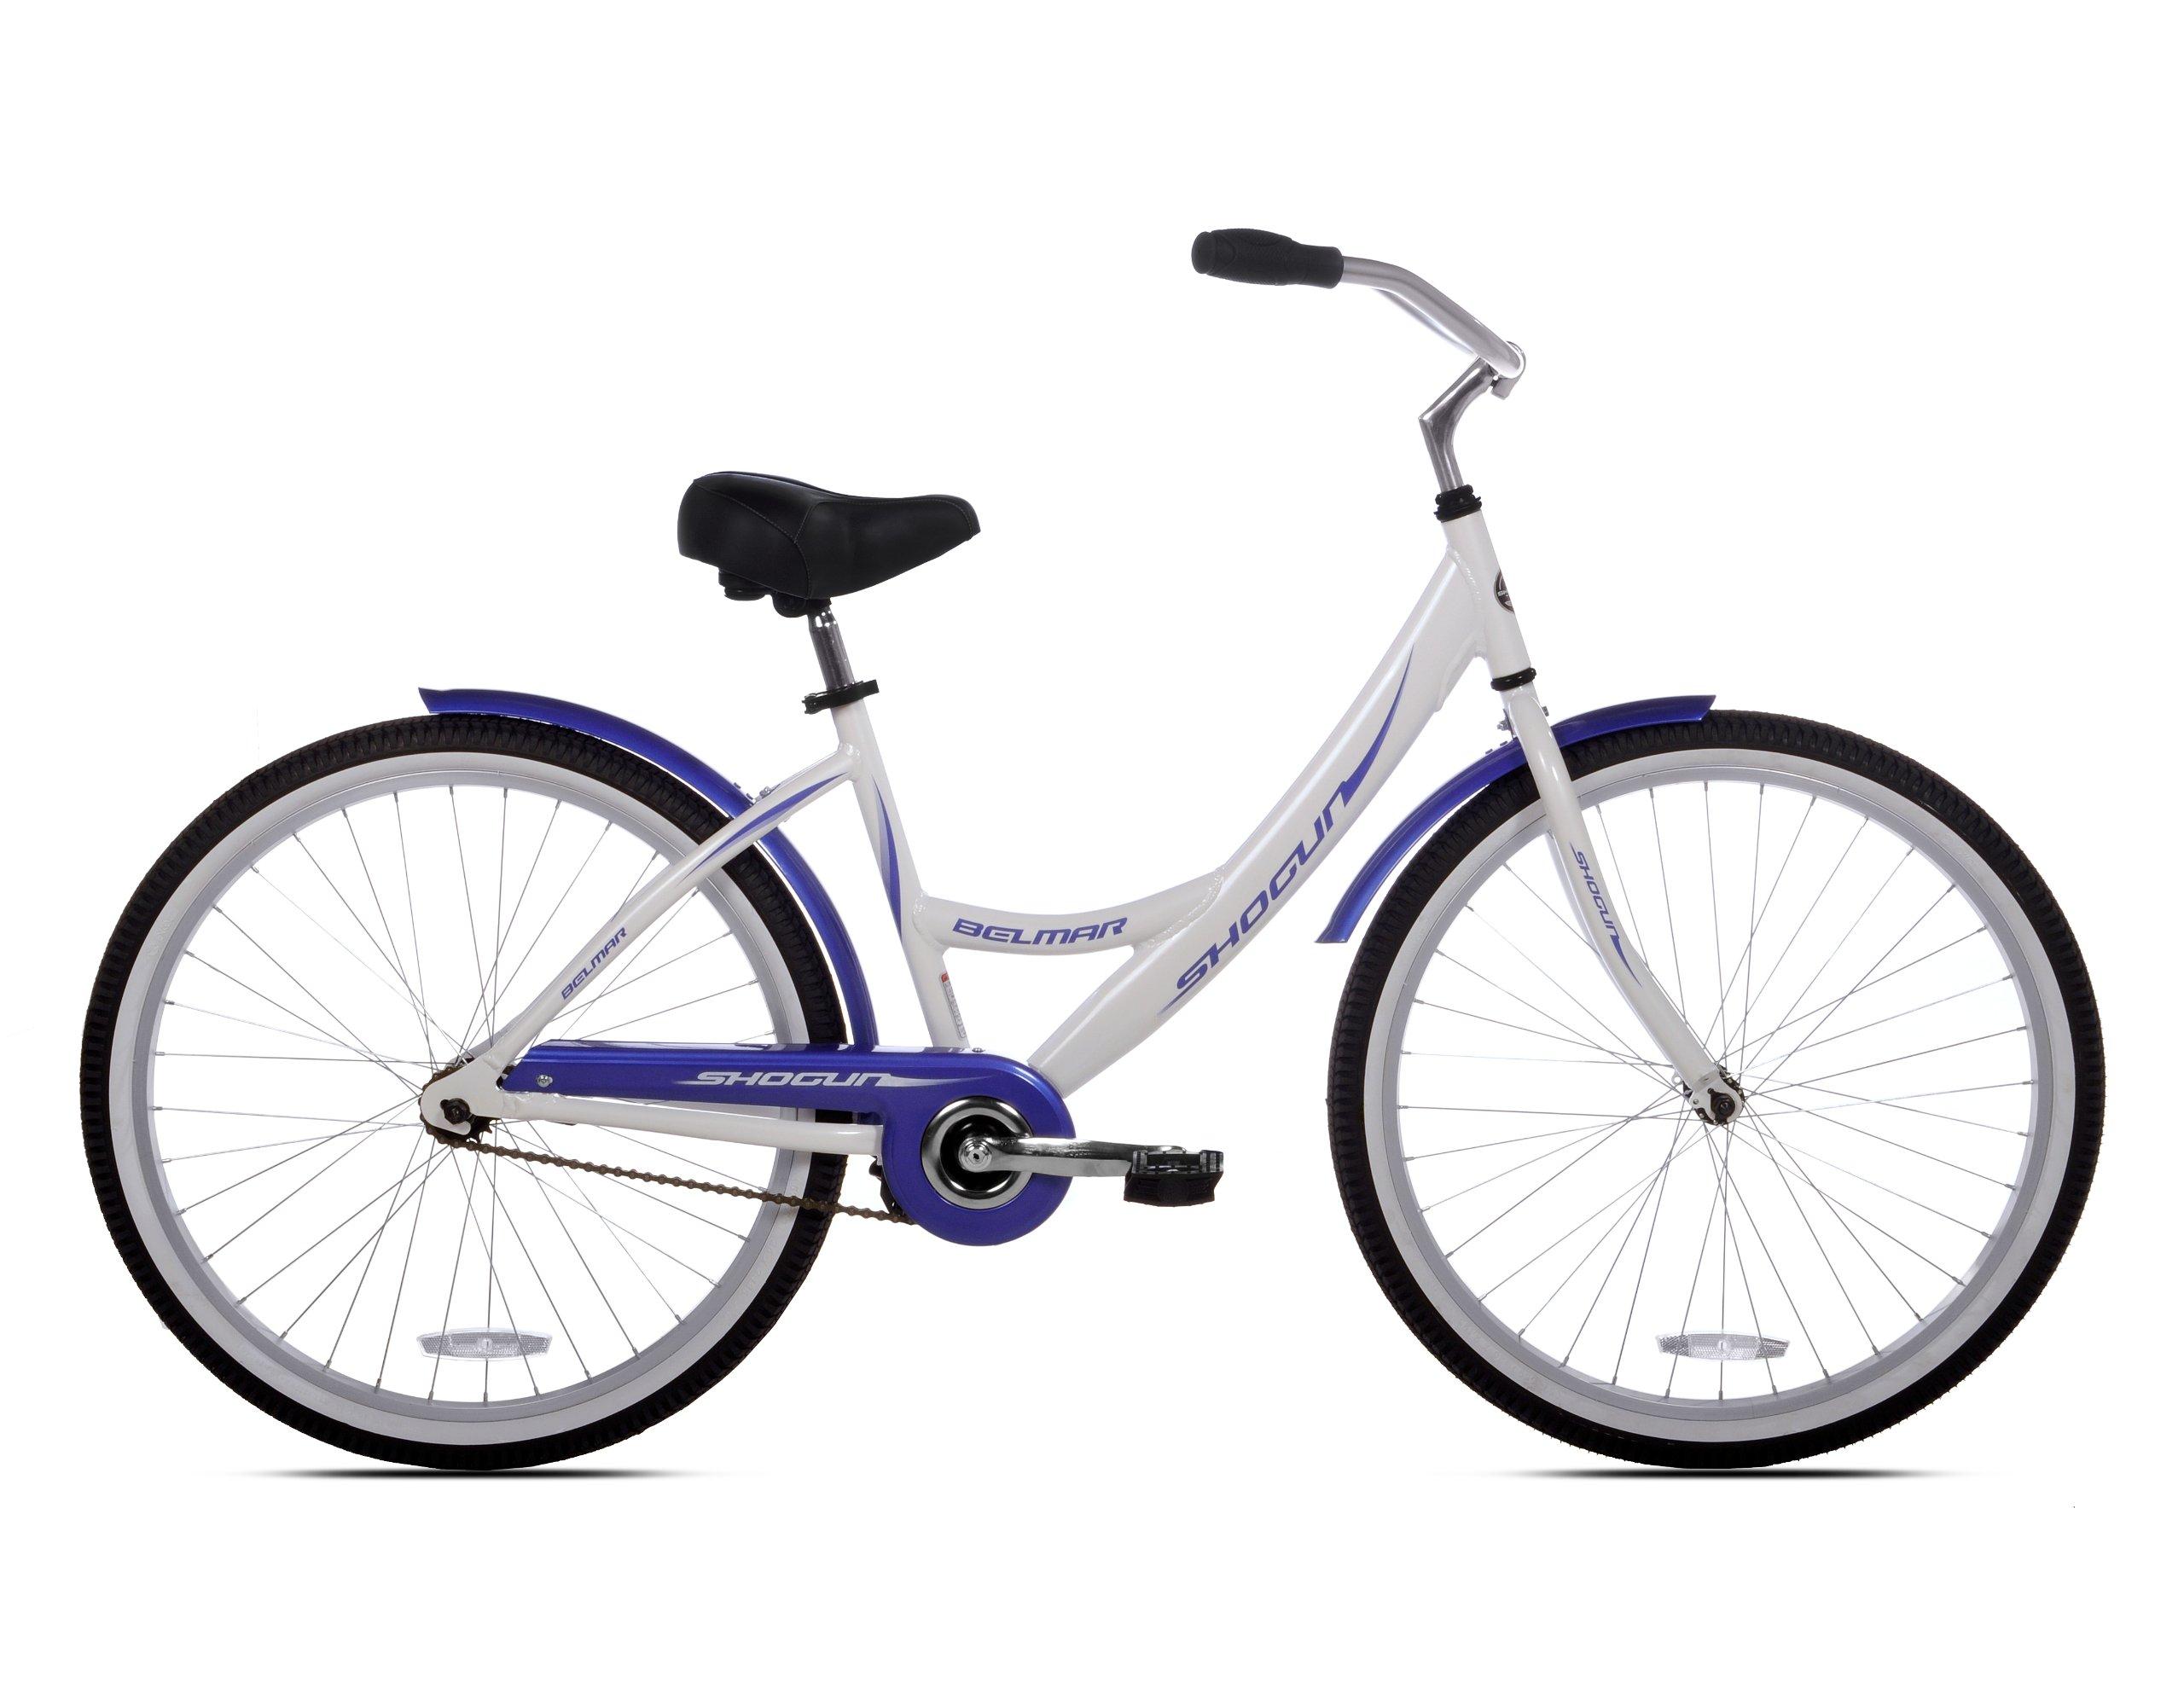 Shogun Belmar Women's Aluminum Beach Cruiser Bike (26-Inch Wheels)